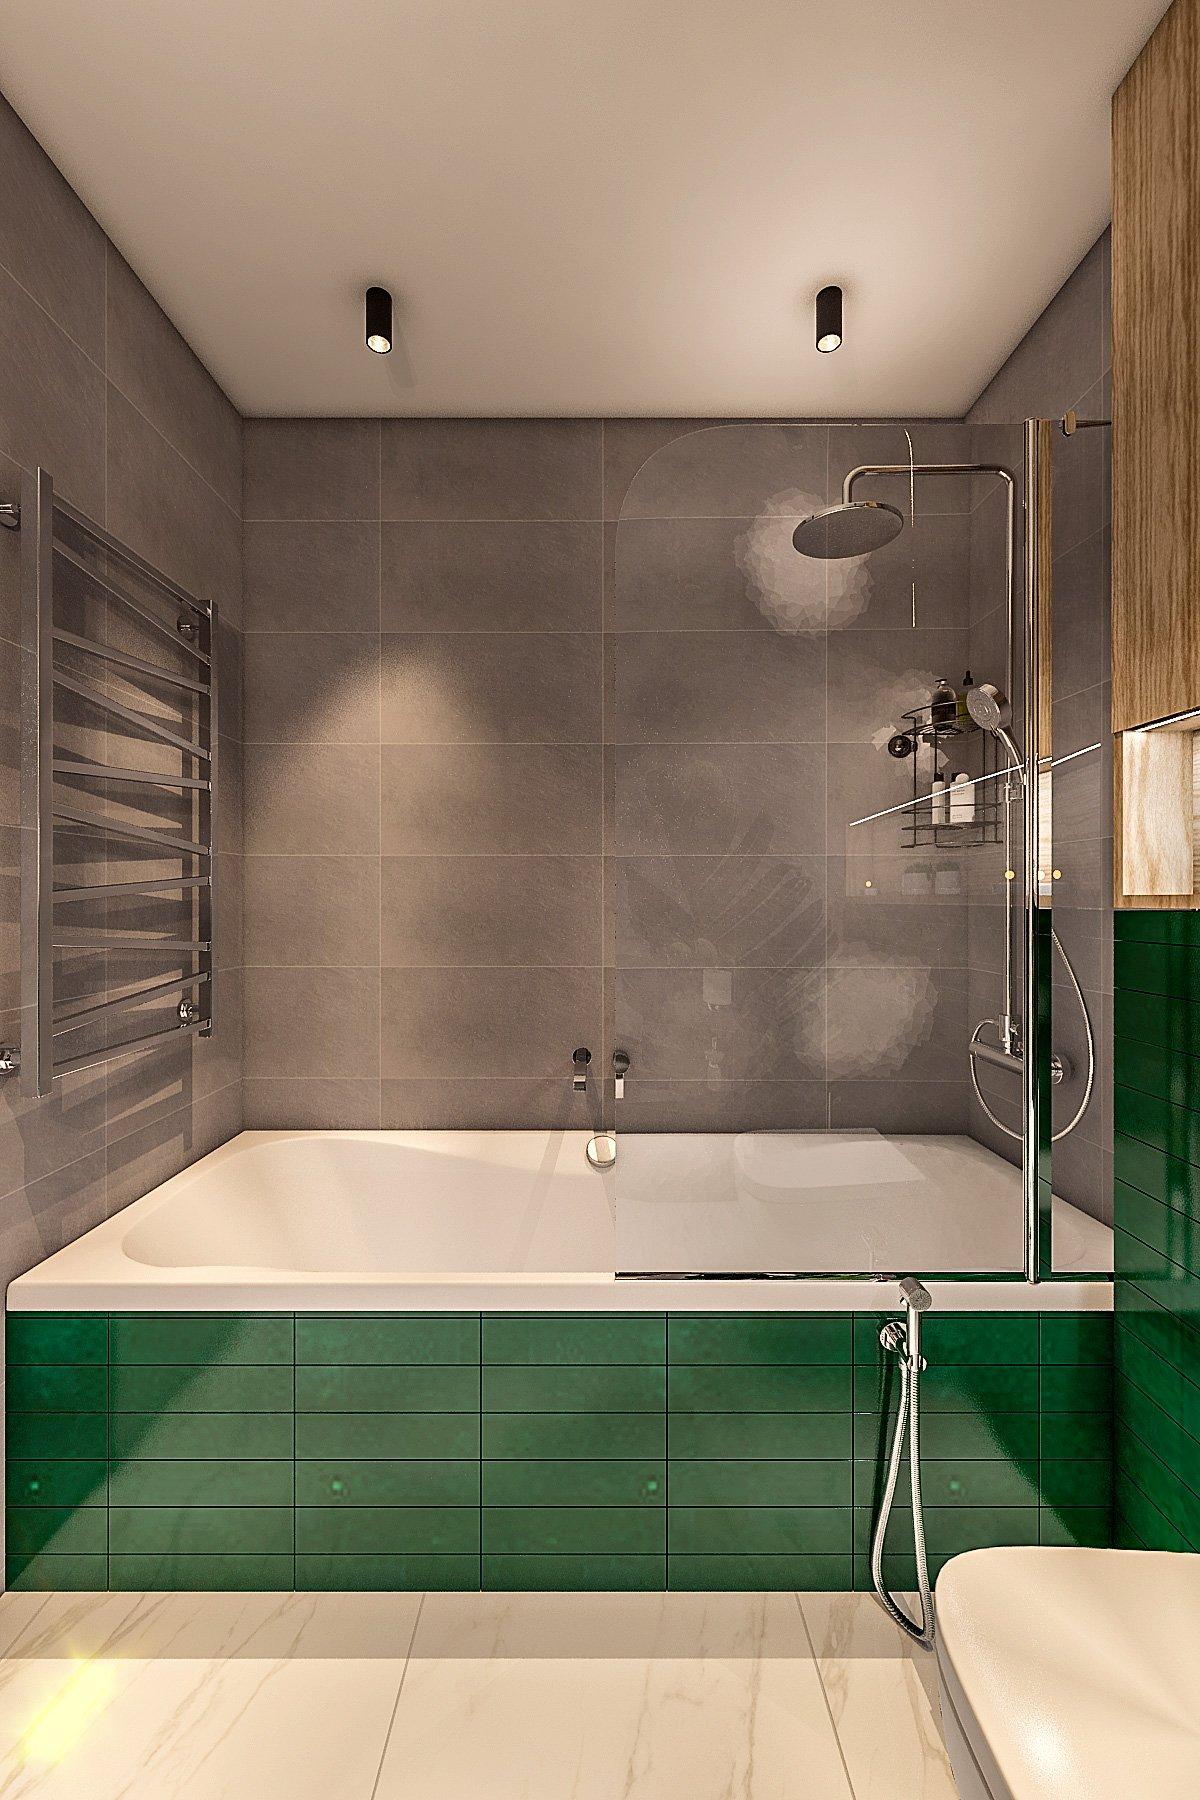 ванная комната в стиле лофт, темная плитка, зеленая плитка на экран ванной, душевой гарнитур, шторка стеклянная на ванну, вид 2